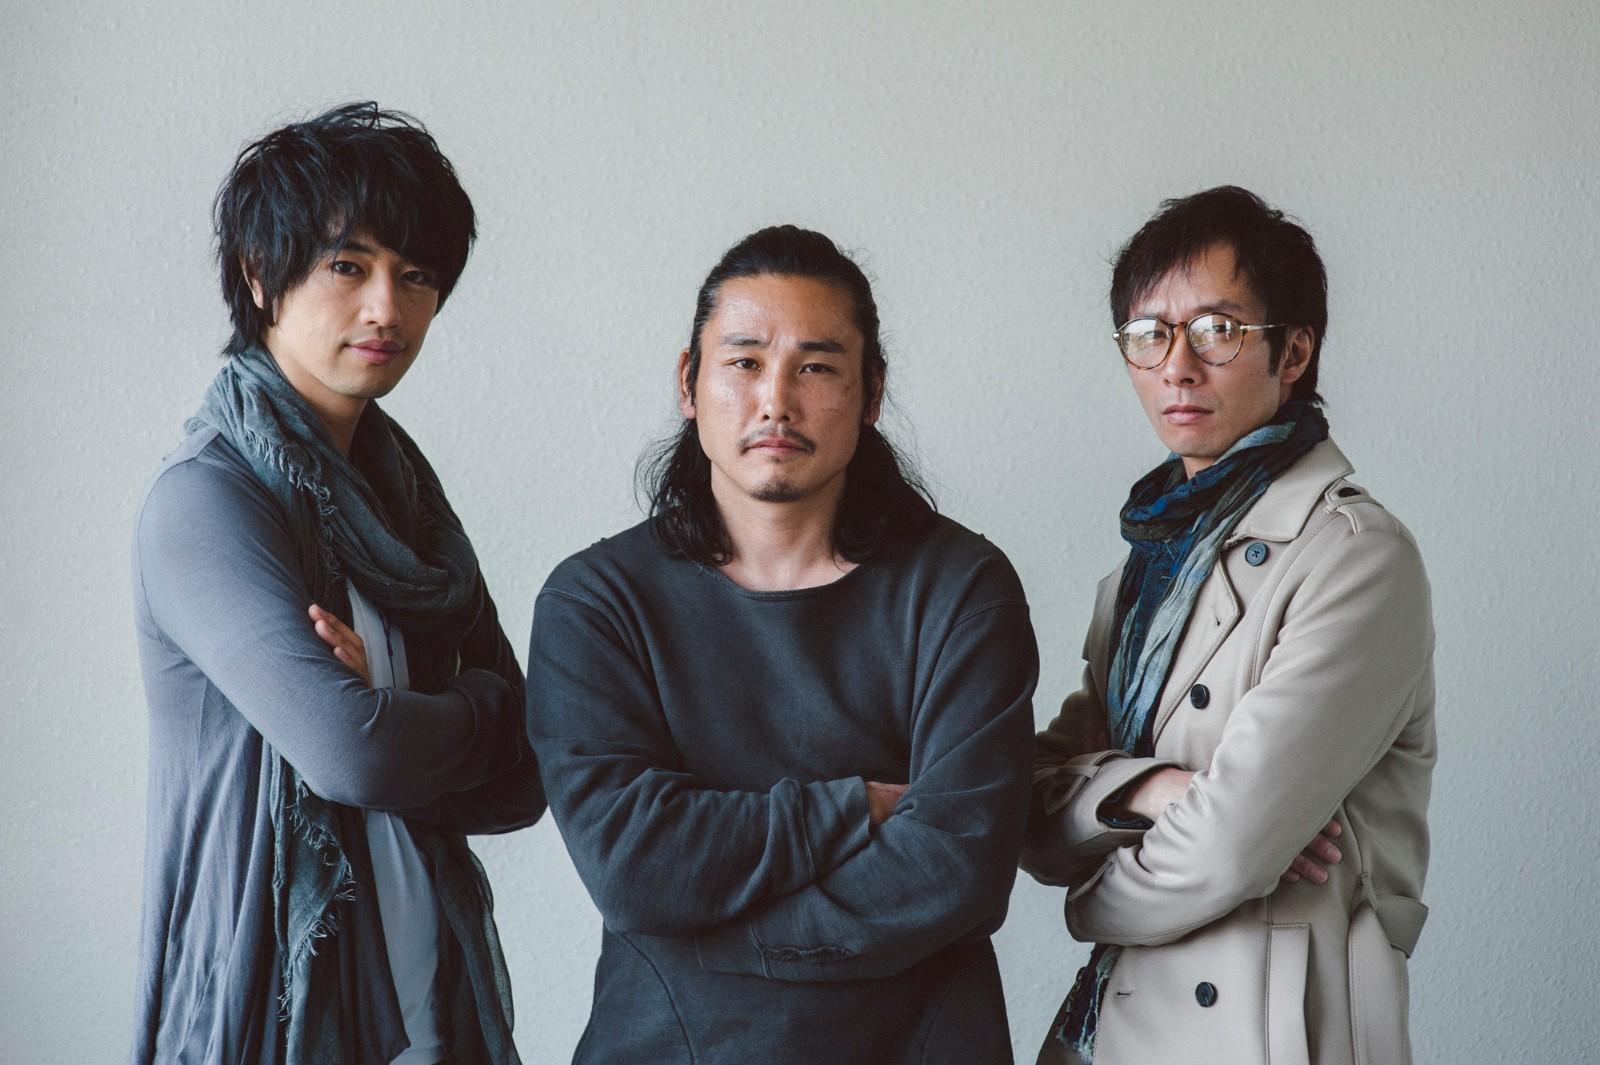 左から、斎藤工、坂口拓(TAK∴)、いしだ壱成